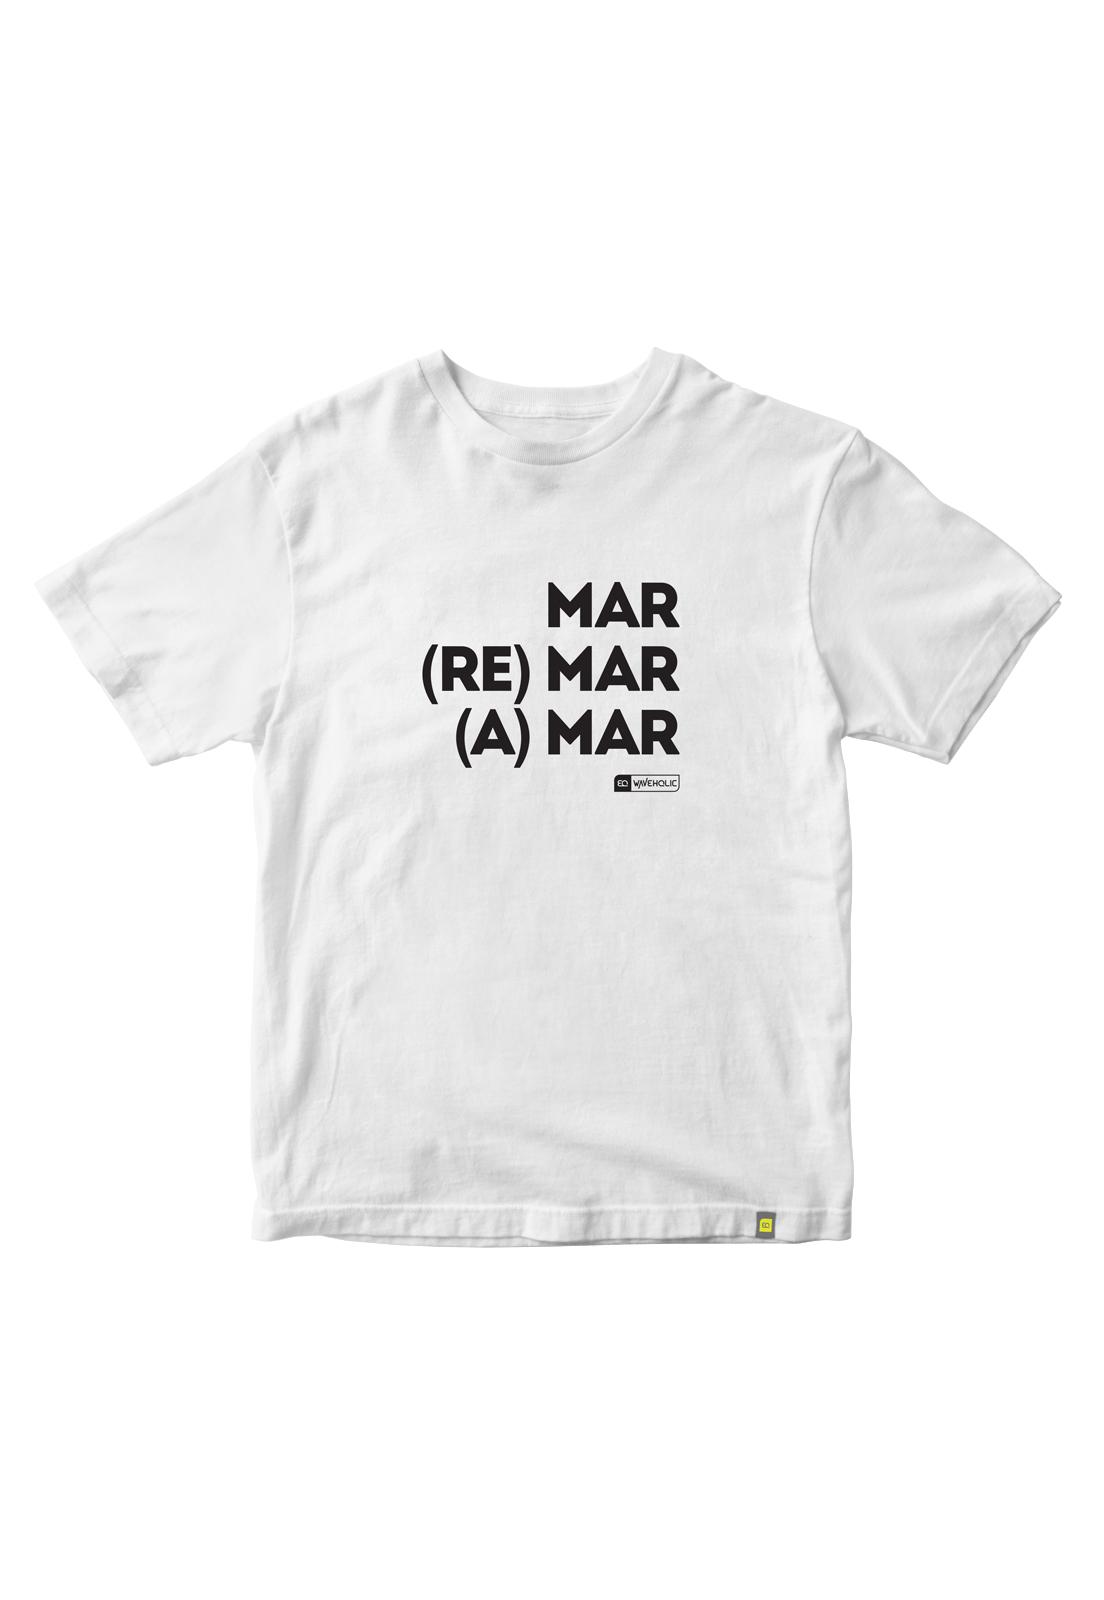 Kit camiseta sustentável mar remar e amar c/2 peças economize 38 reais